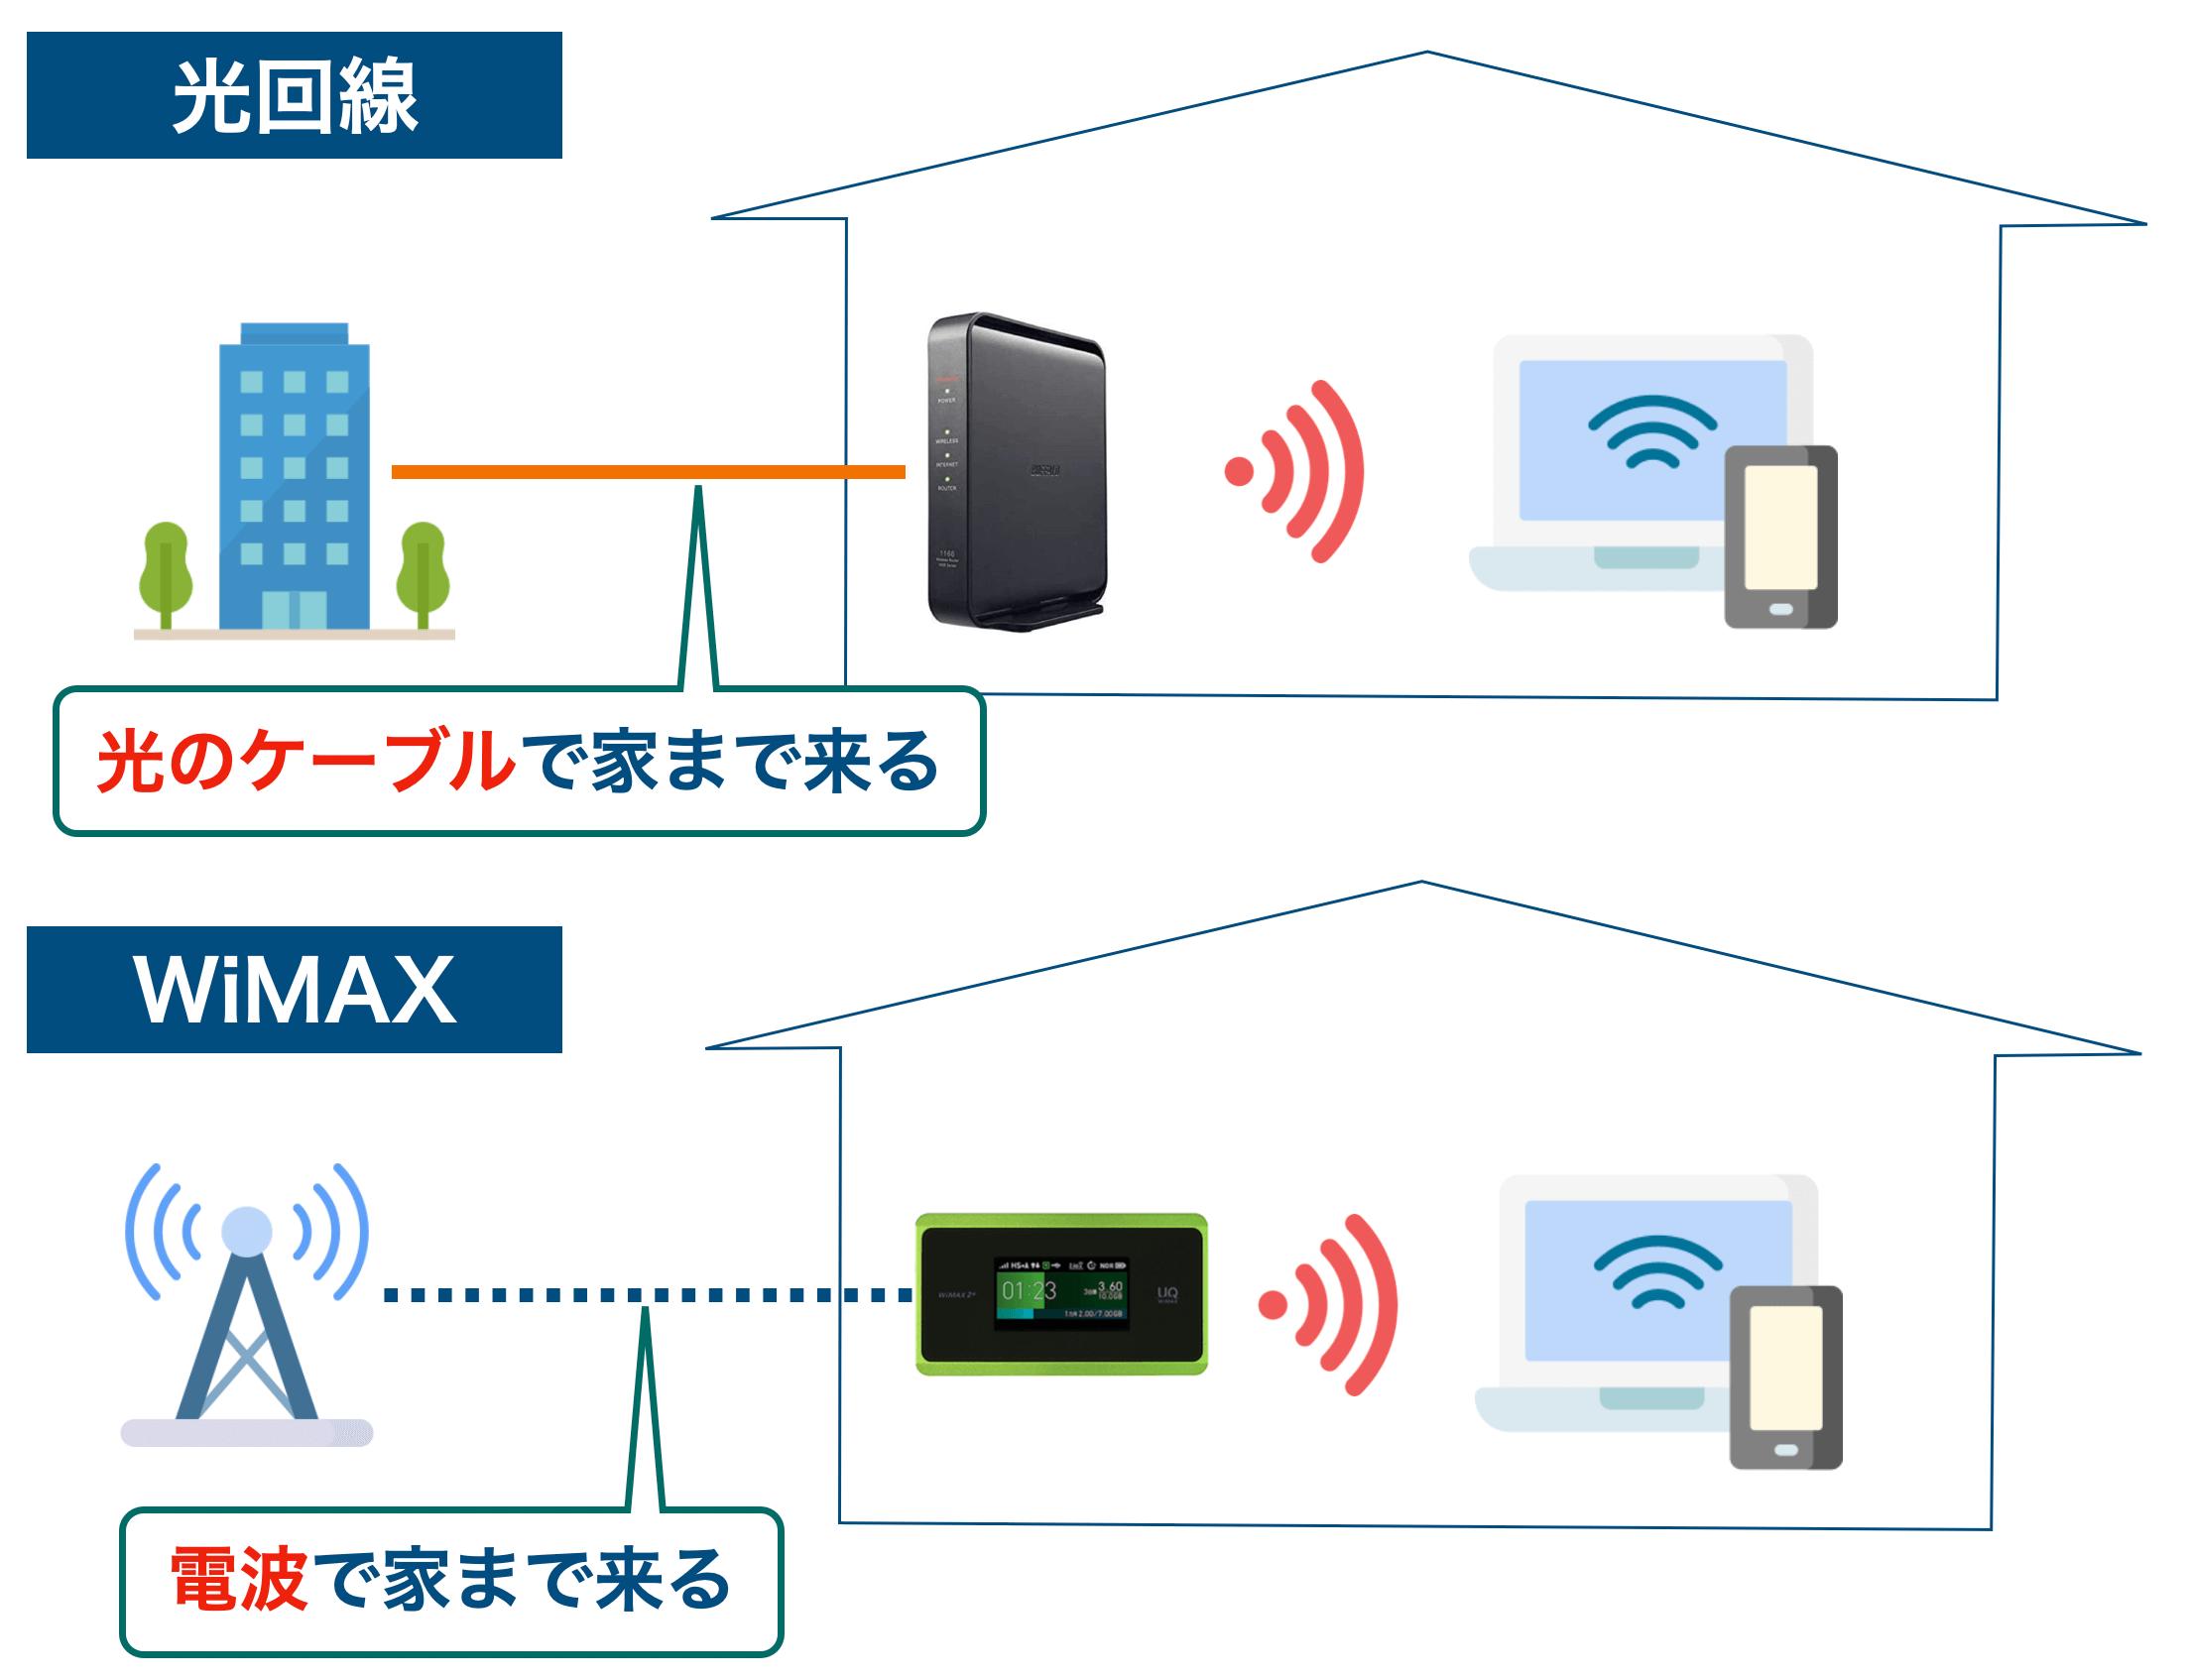 光回線とWiMAXの比較